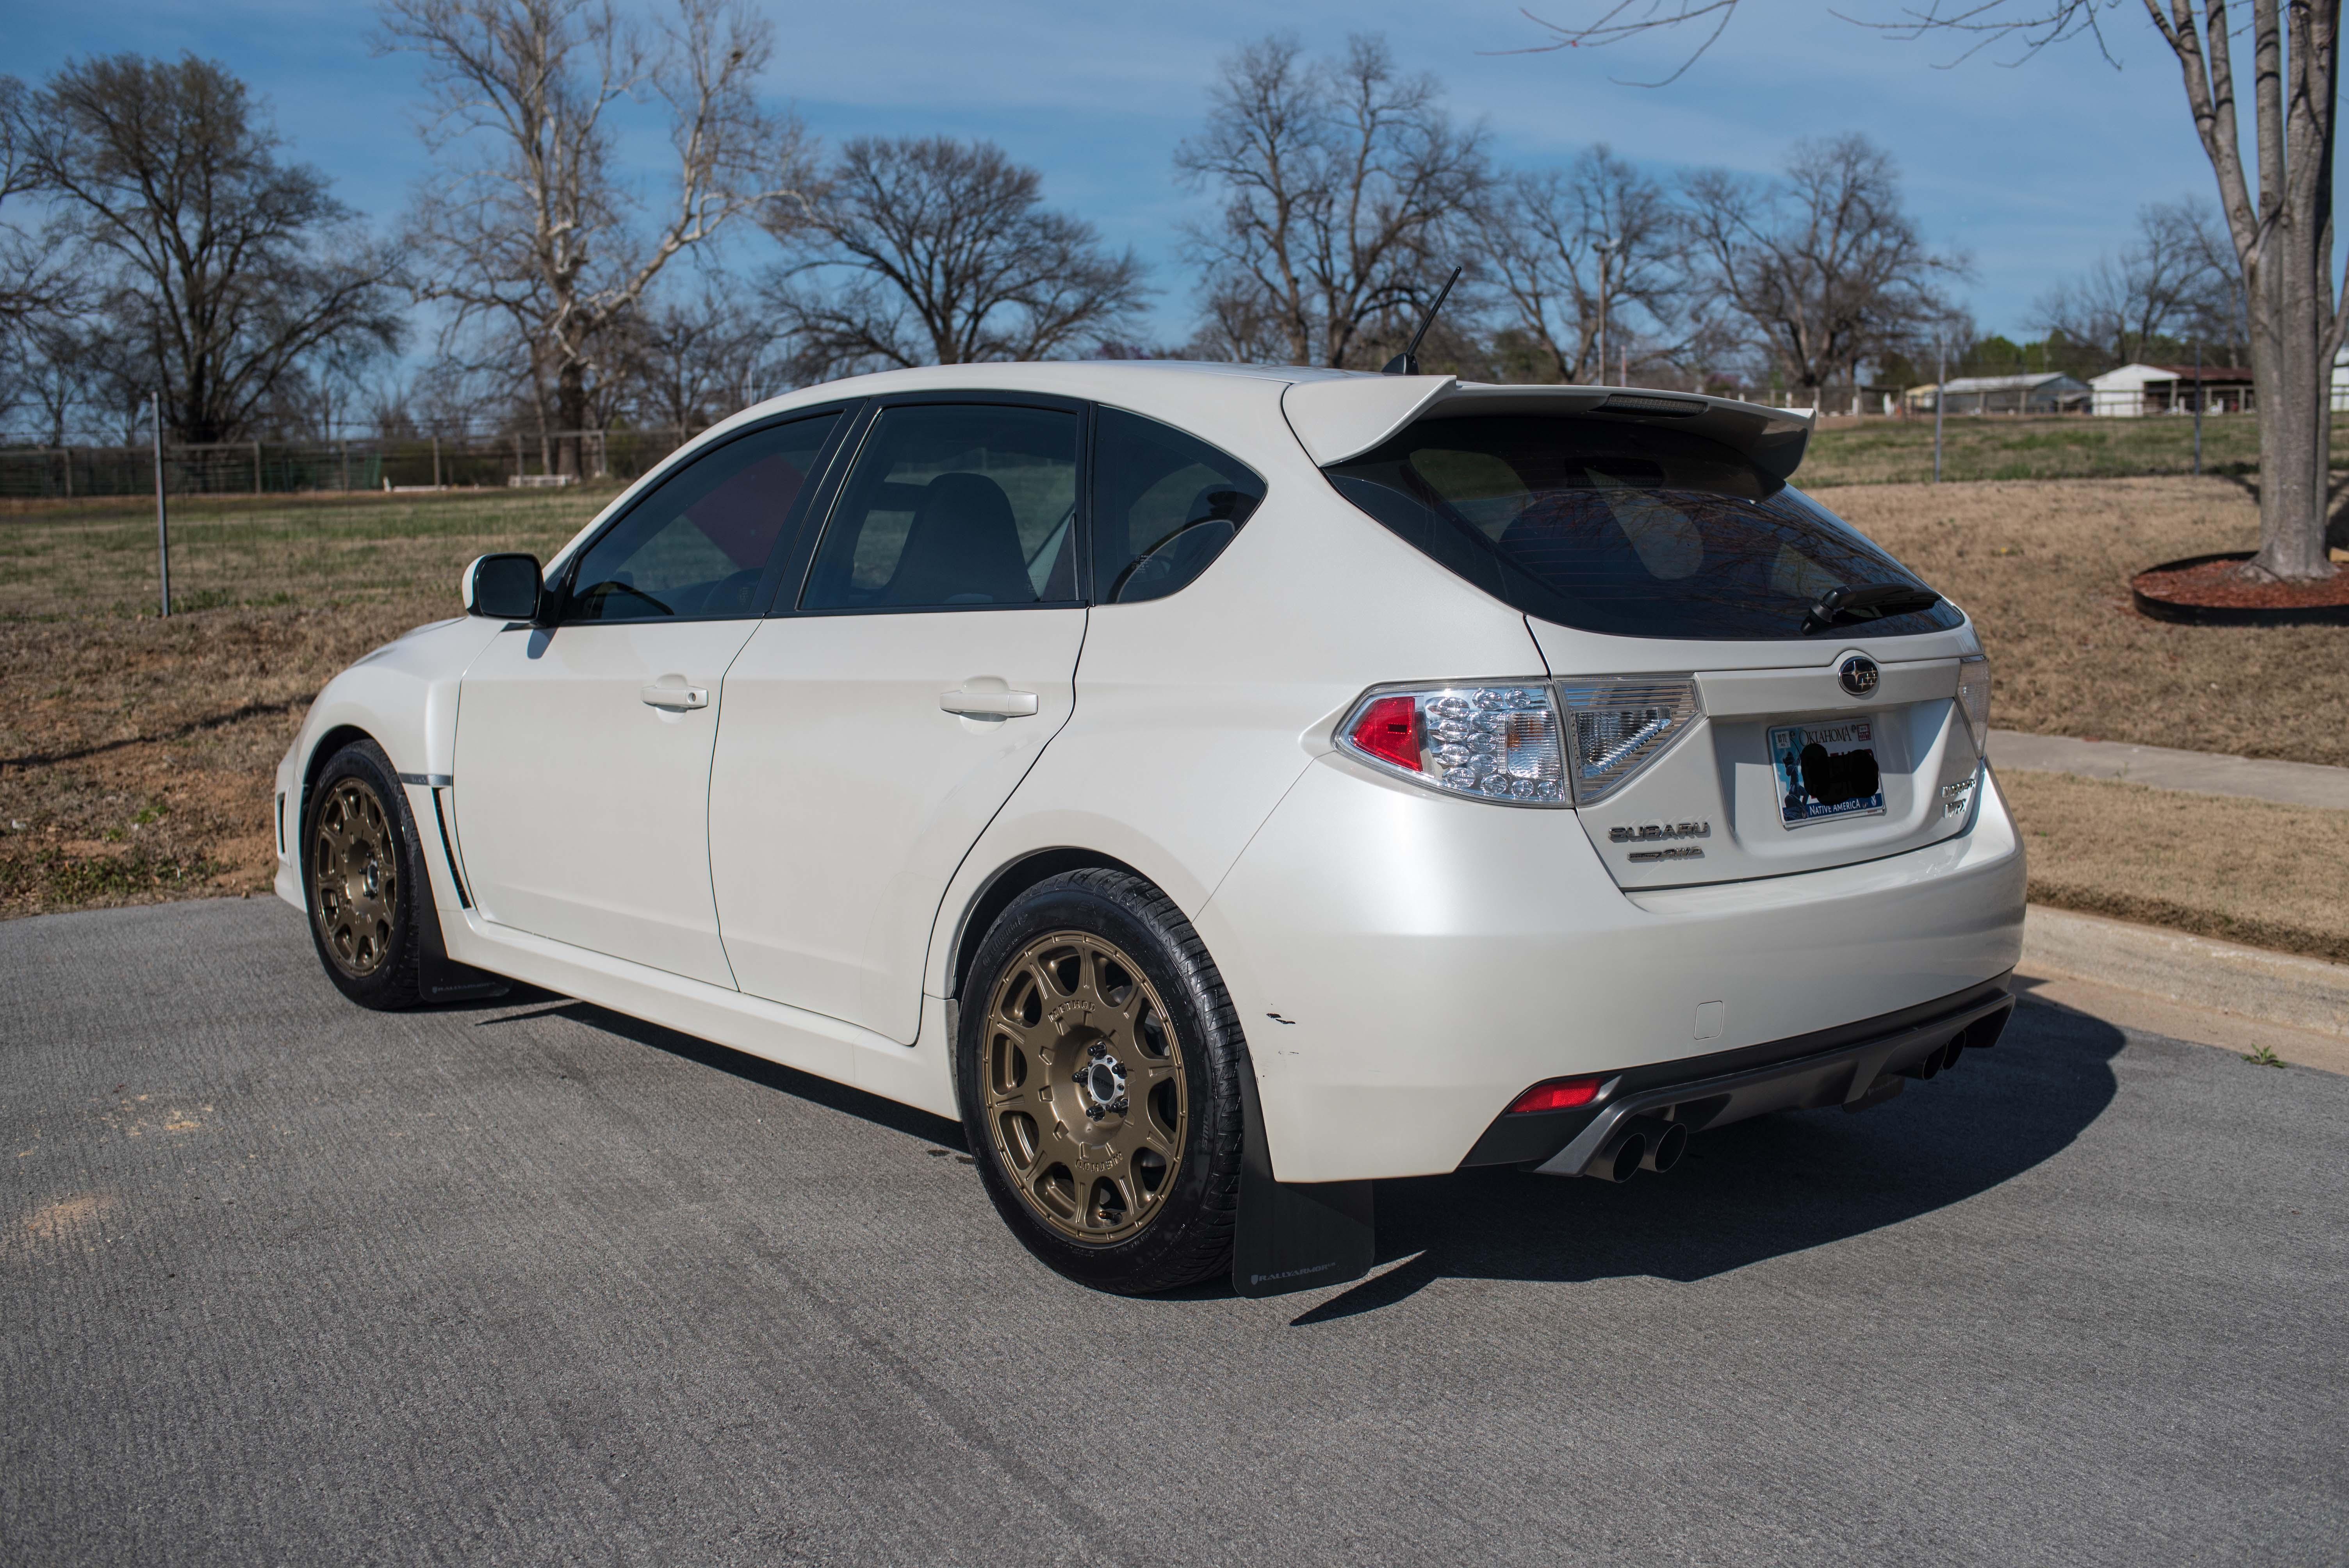 2014 Subaru Wrx Hatchback Deliciouscrepesbistro Com